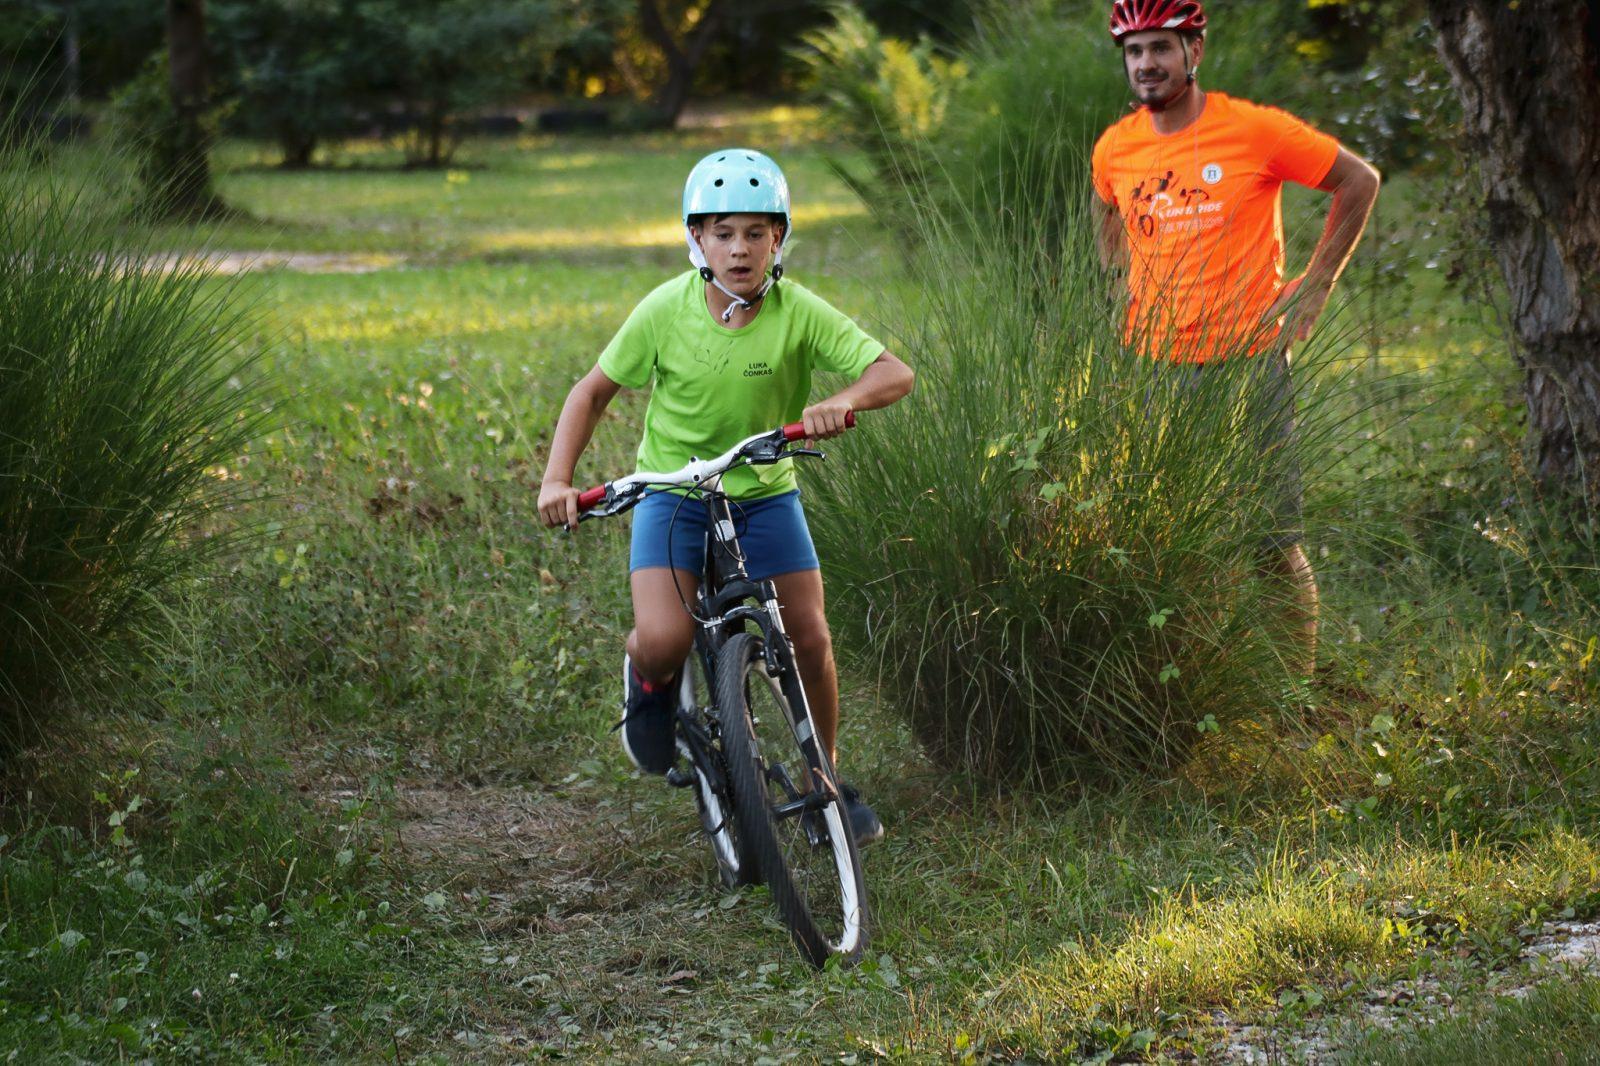 bk prelog dječji biciklistički kamp 2020 6